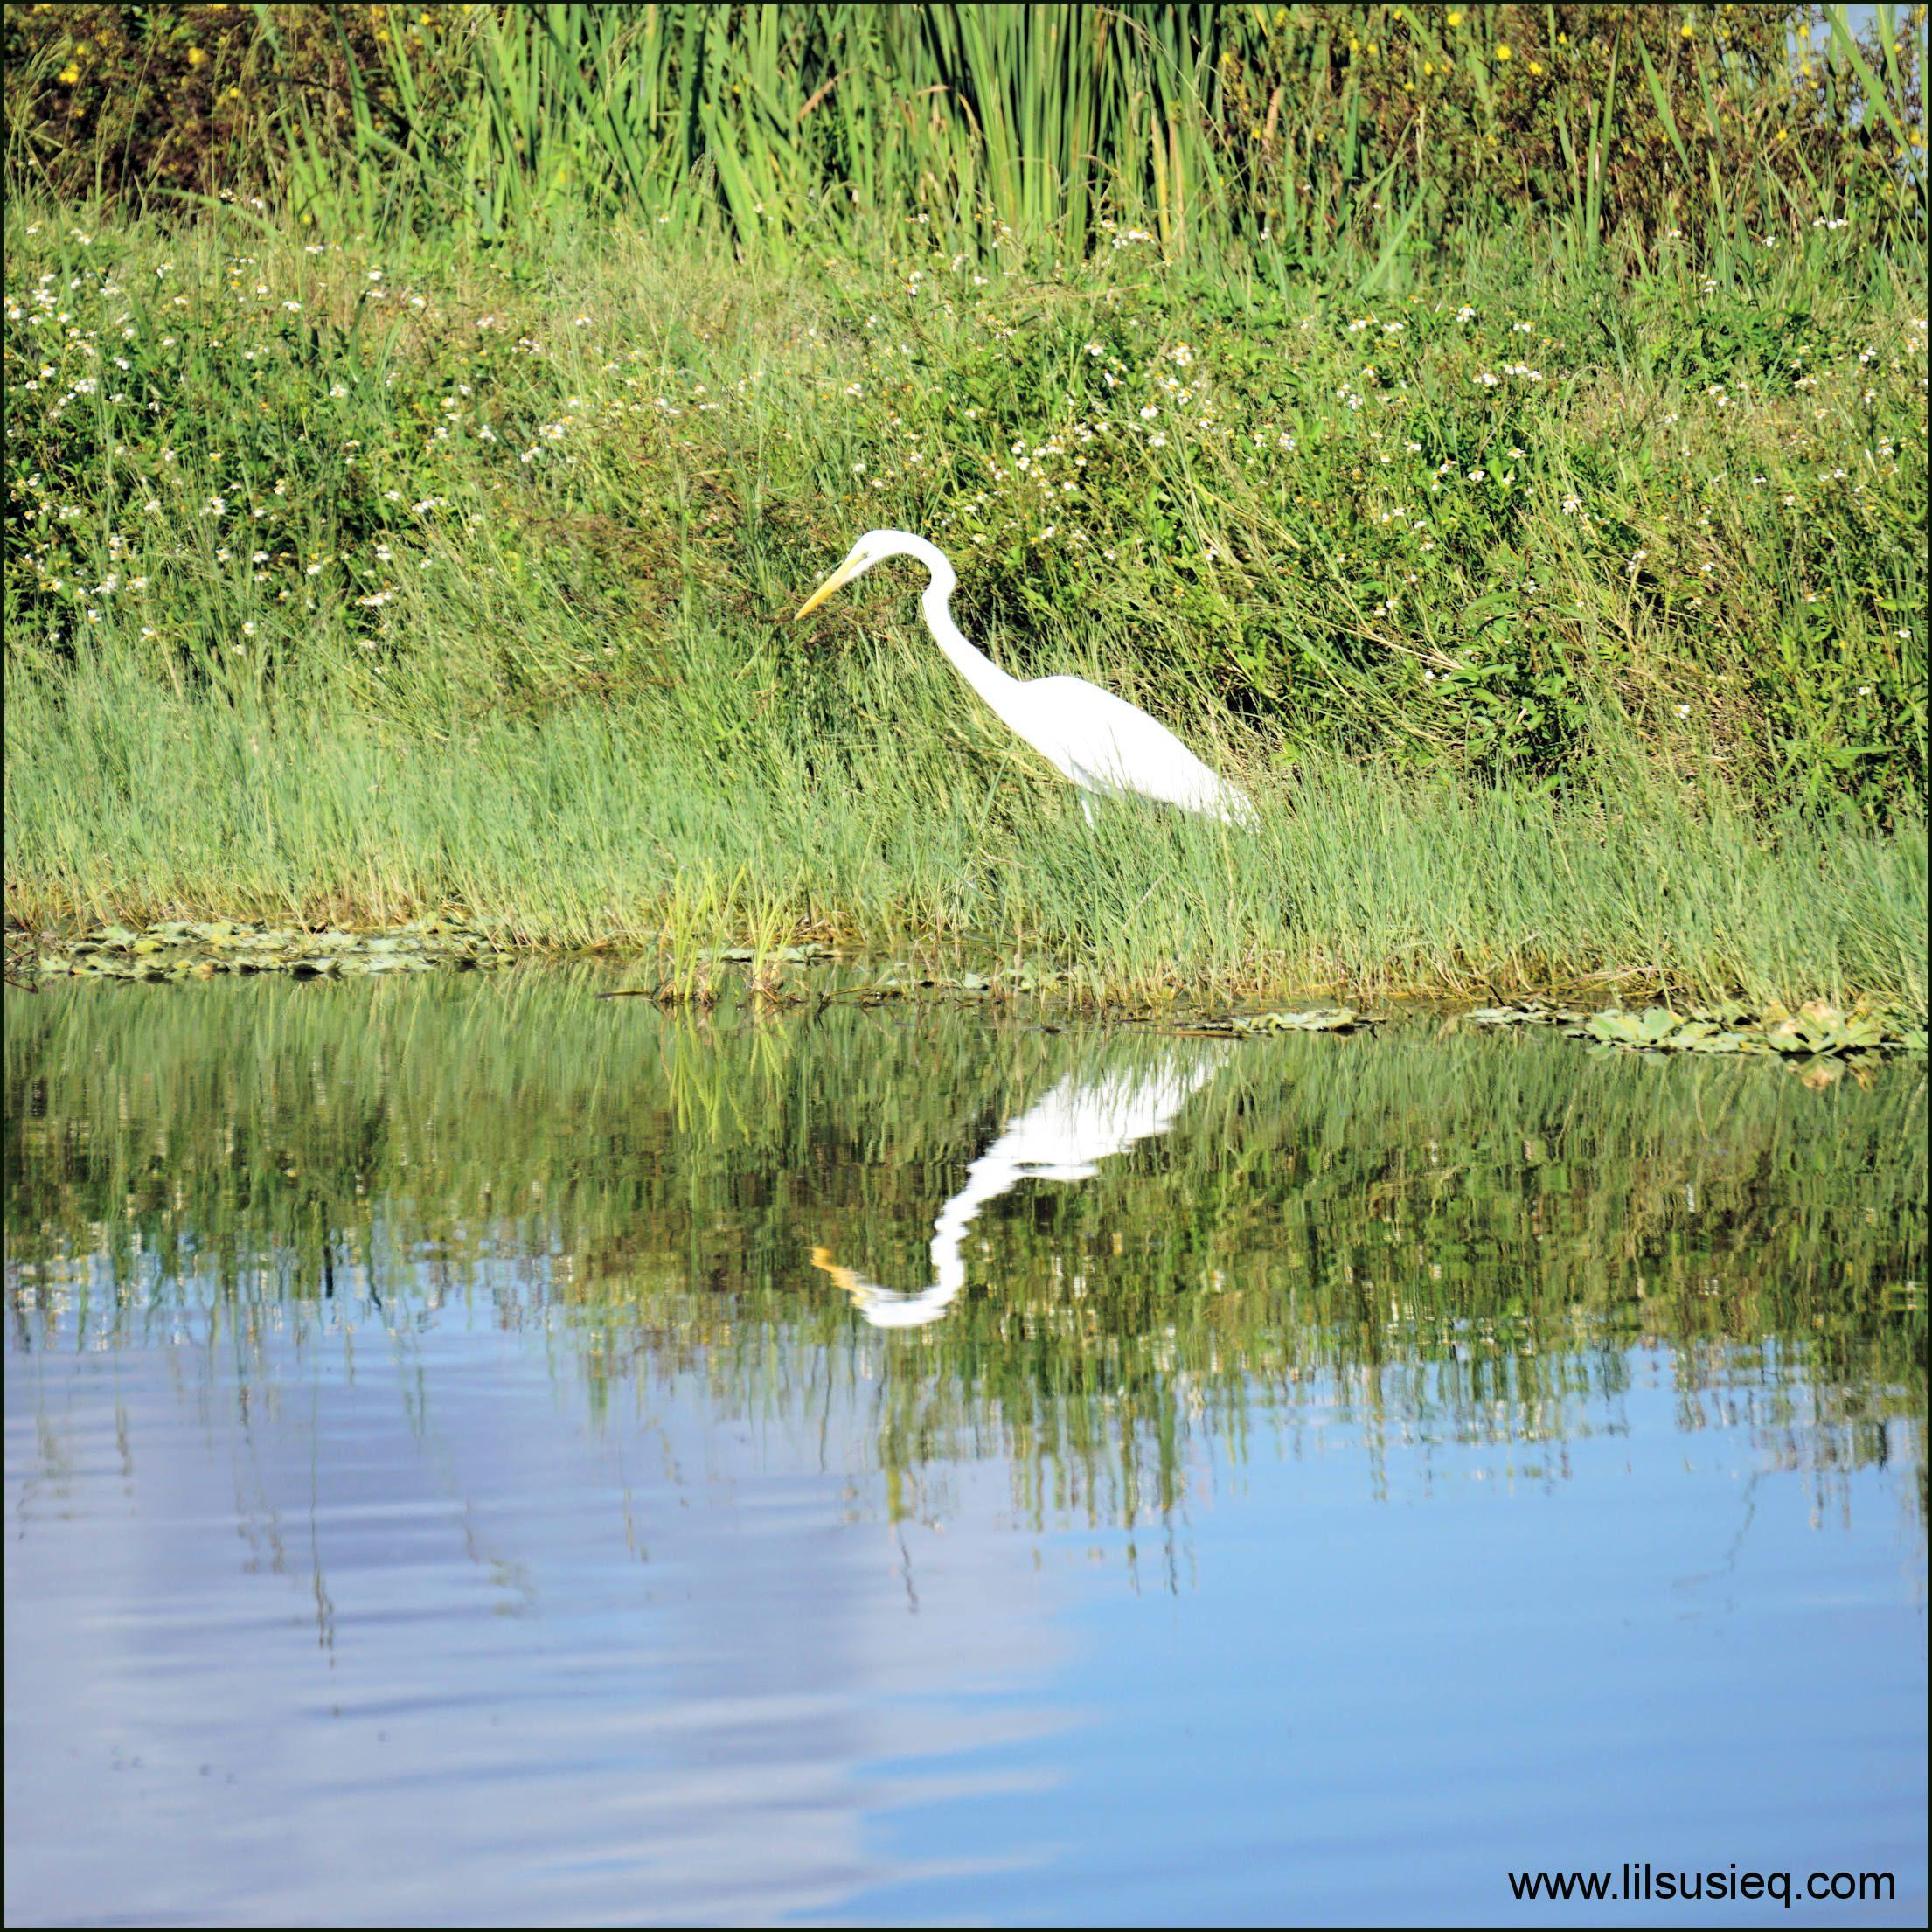 Lake Apopka North Shore: #wildlife #lake_apopka #newtonpark #lake_apopka #lawd